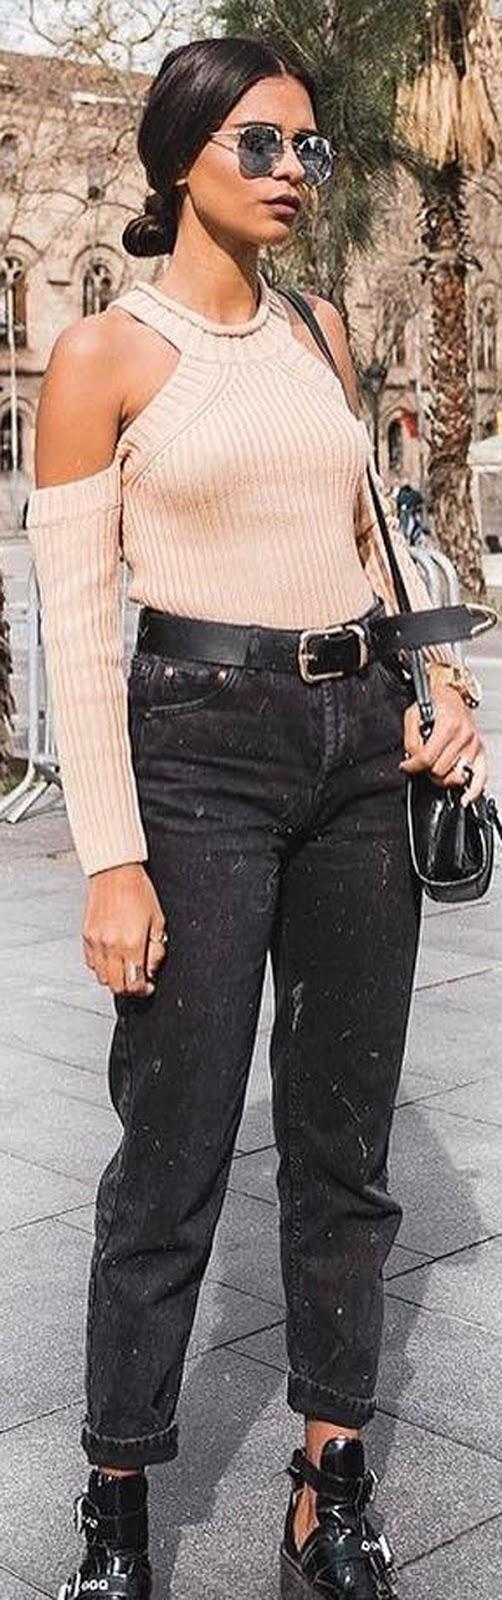 beige top + grunge jeans